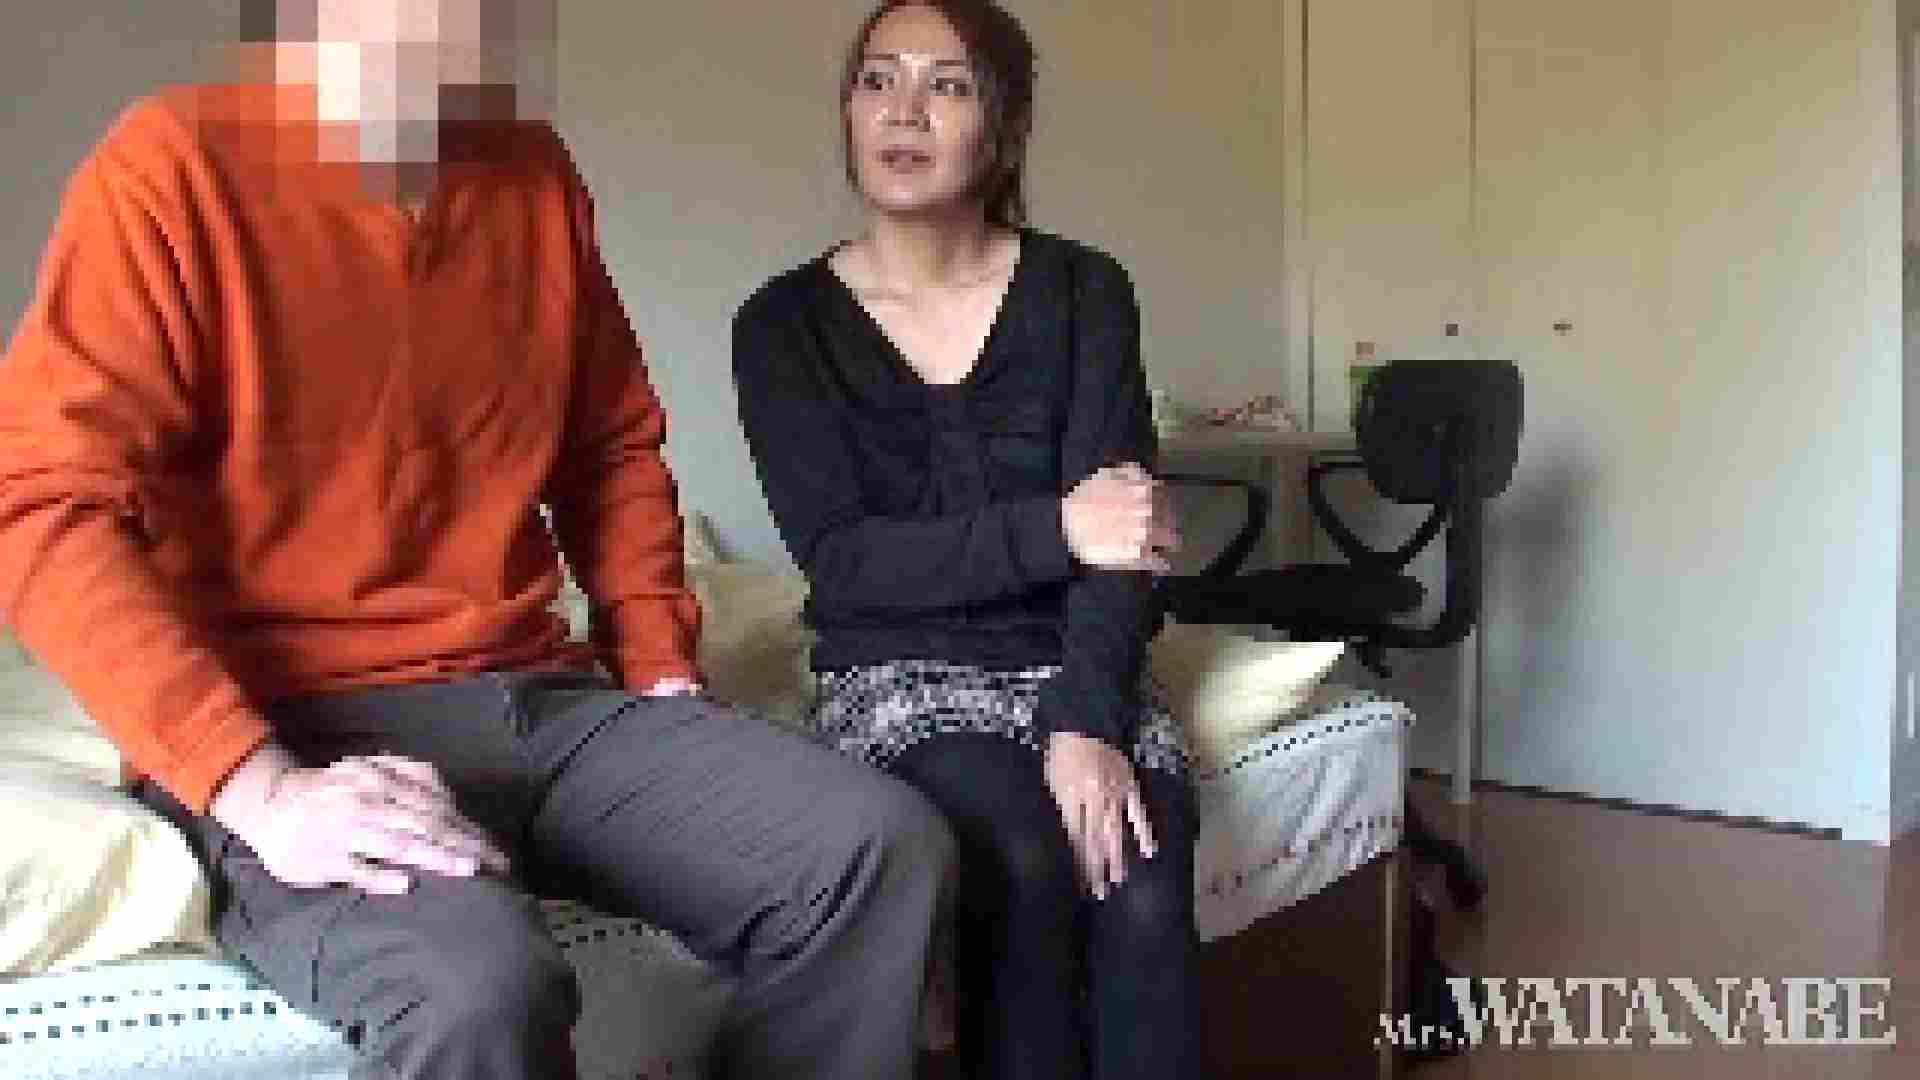 SNSで出会った人妻をハメ撮りしちゃいます 2回目 前編 オナニー集 | エッチな人妻  77pic 17